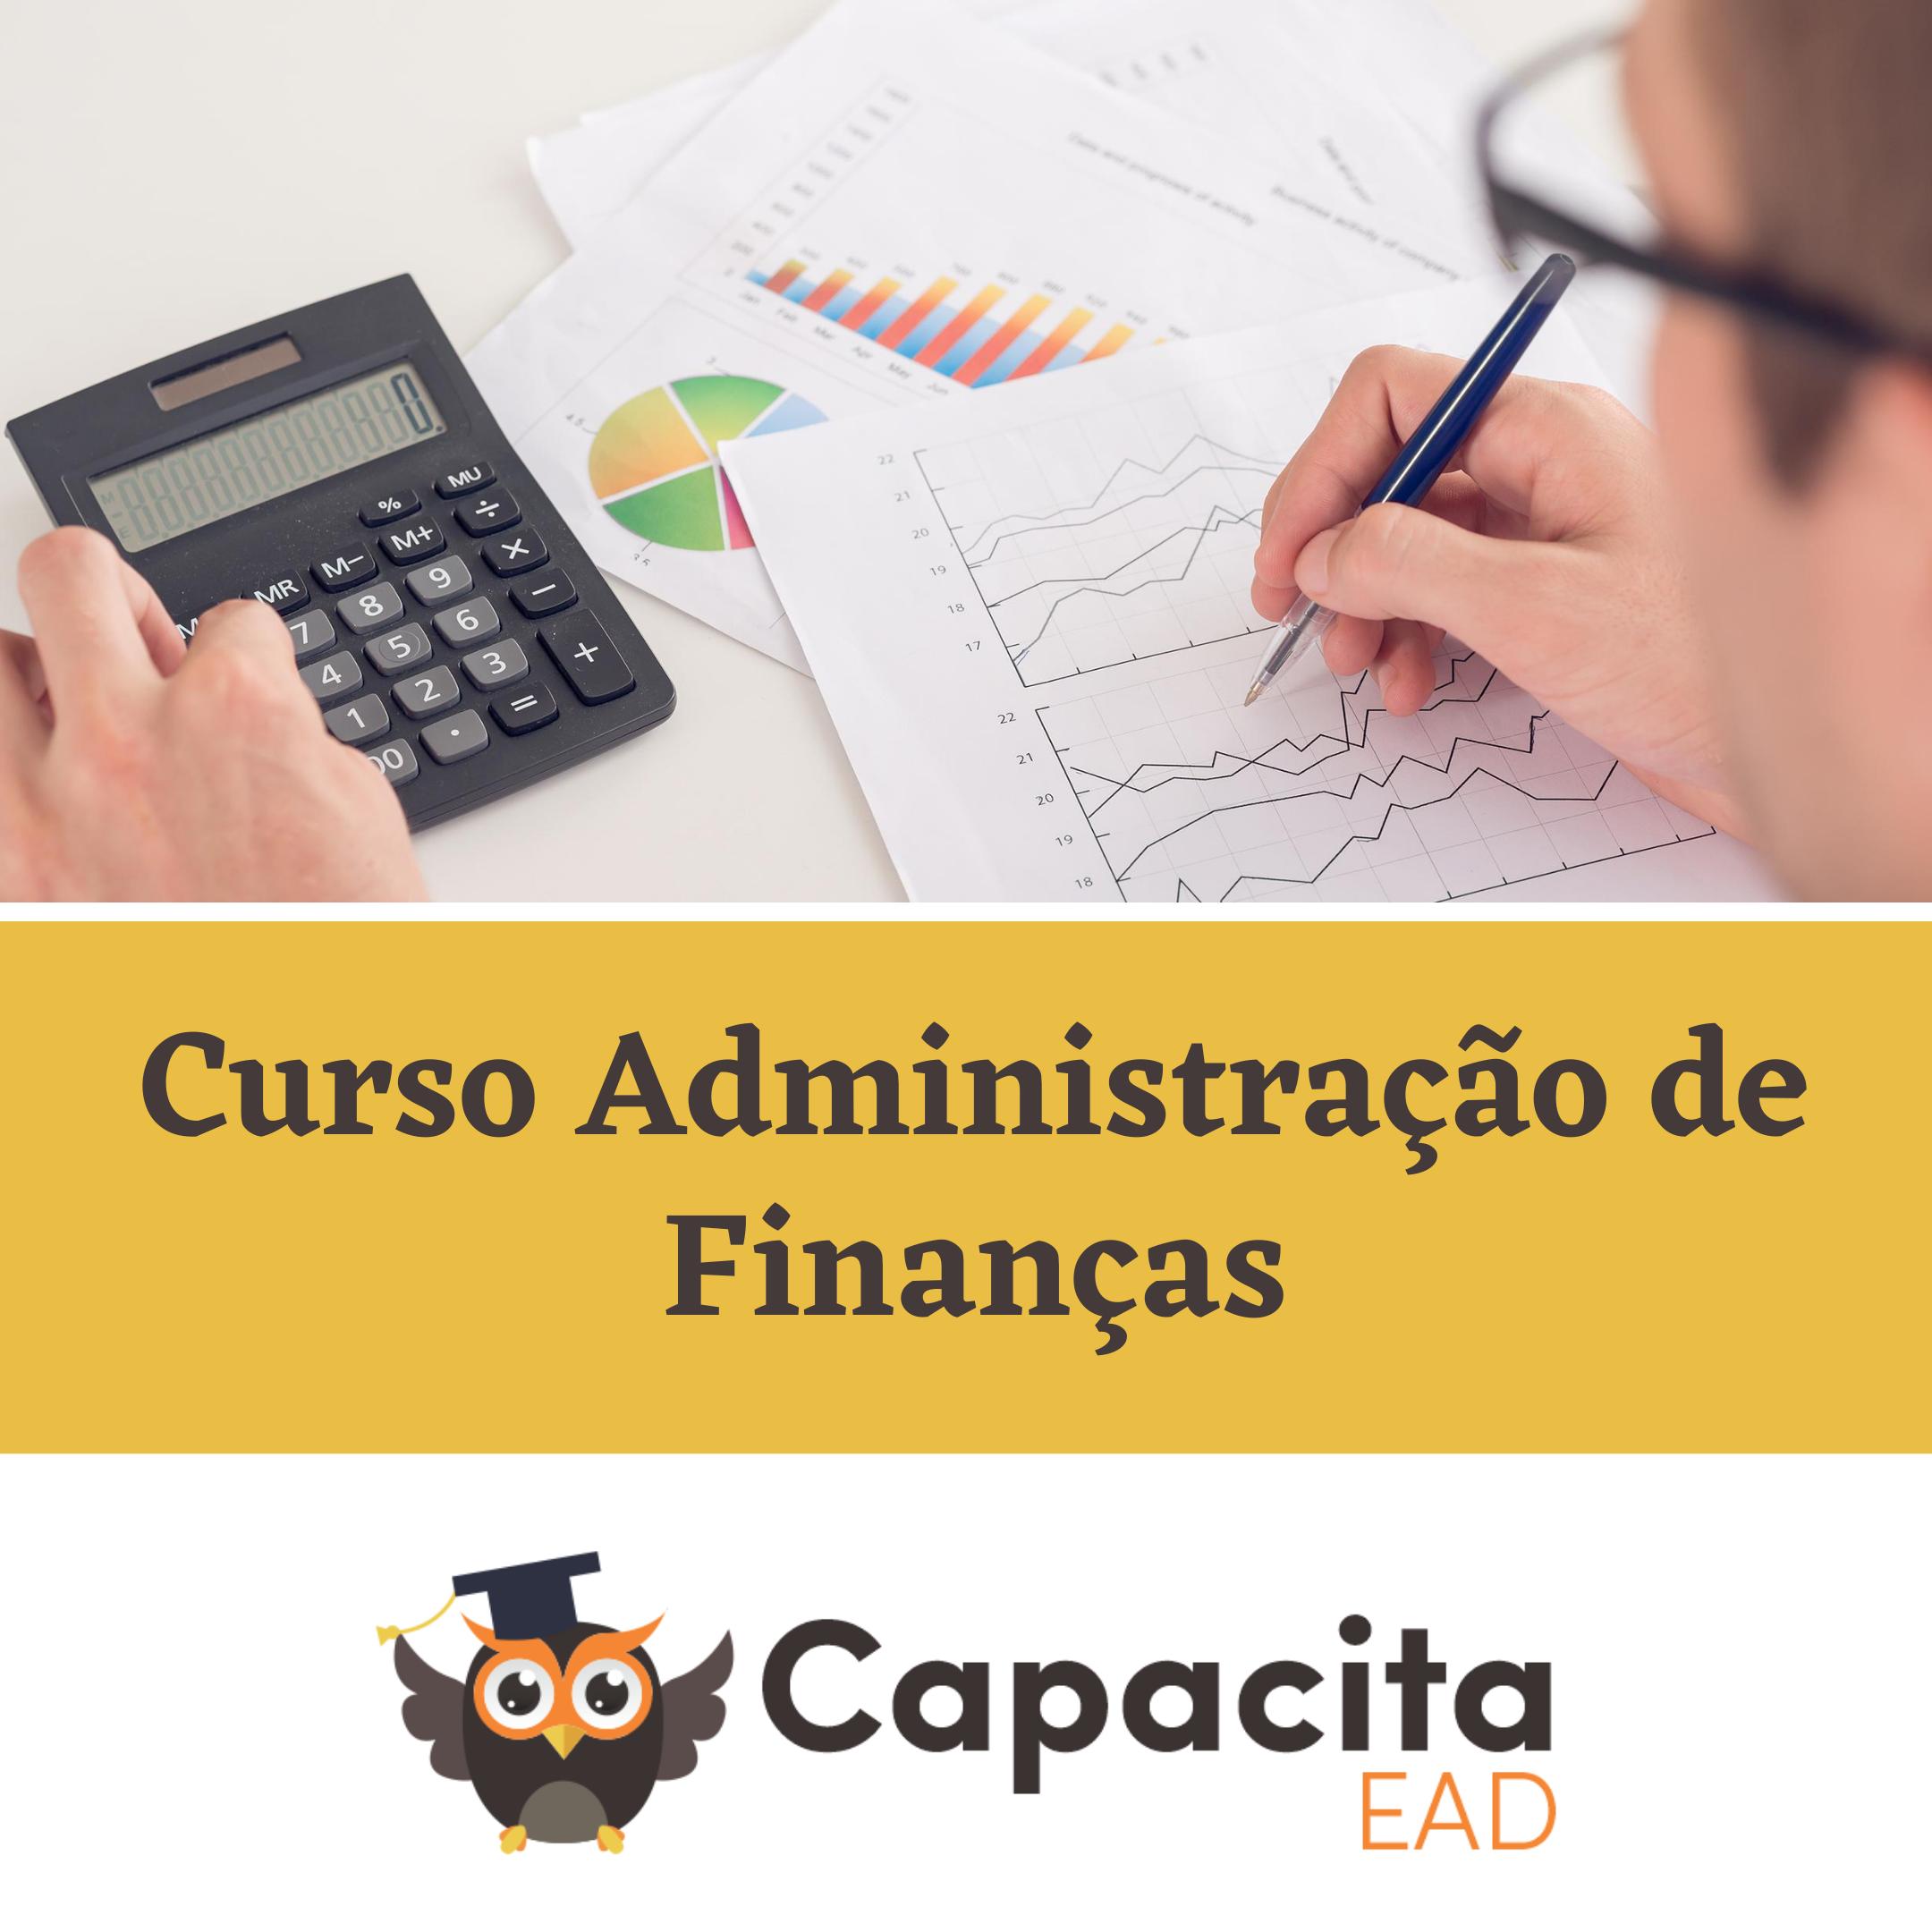 Curso Administração de Finanças